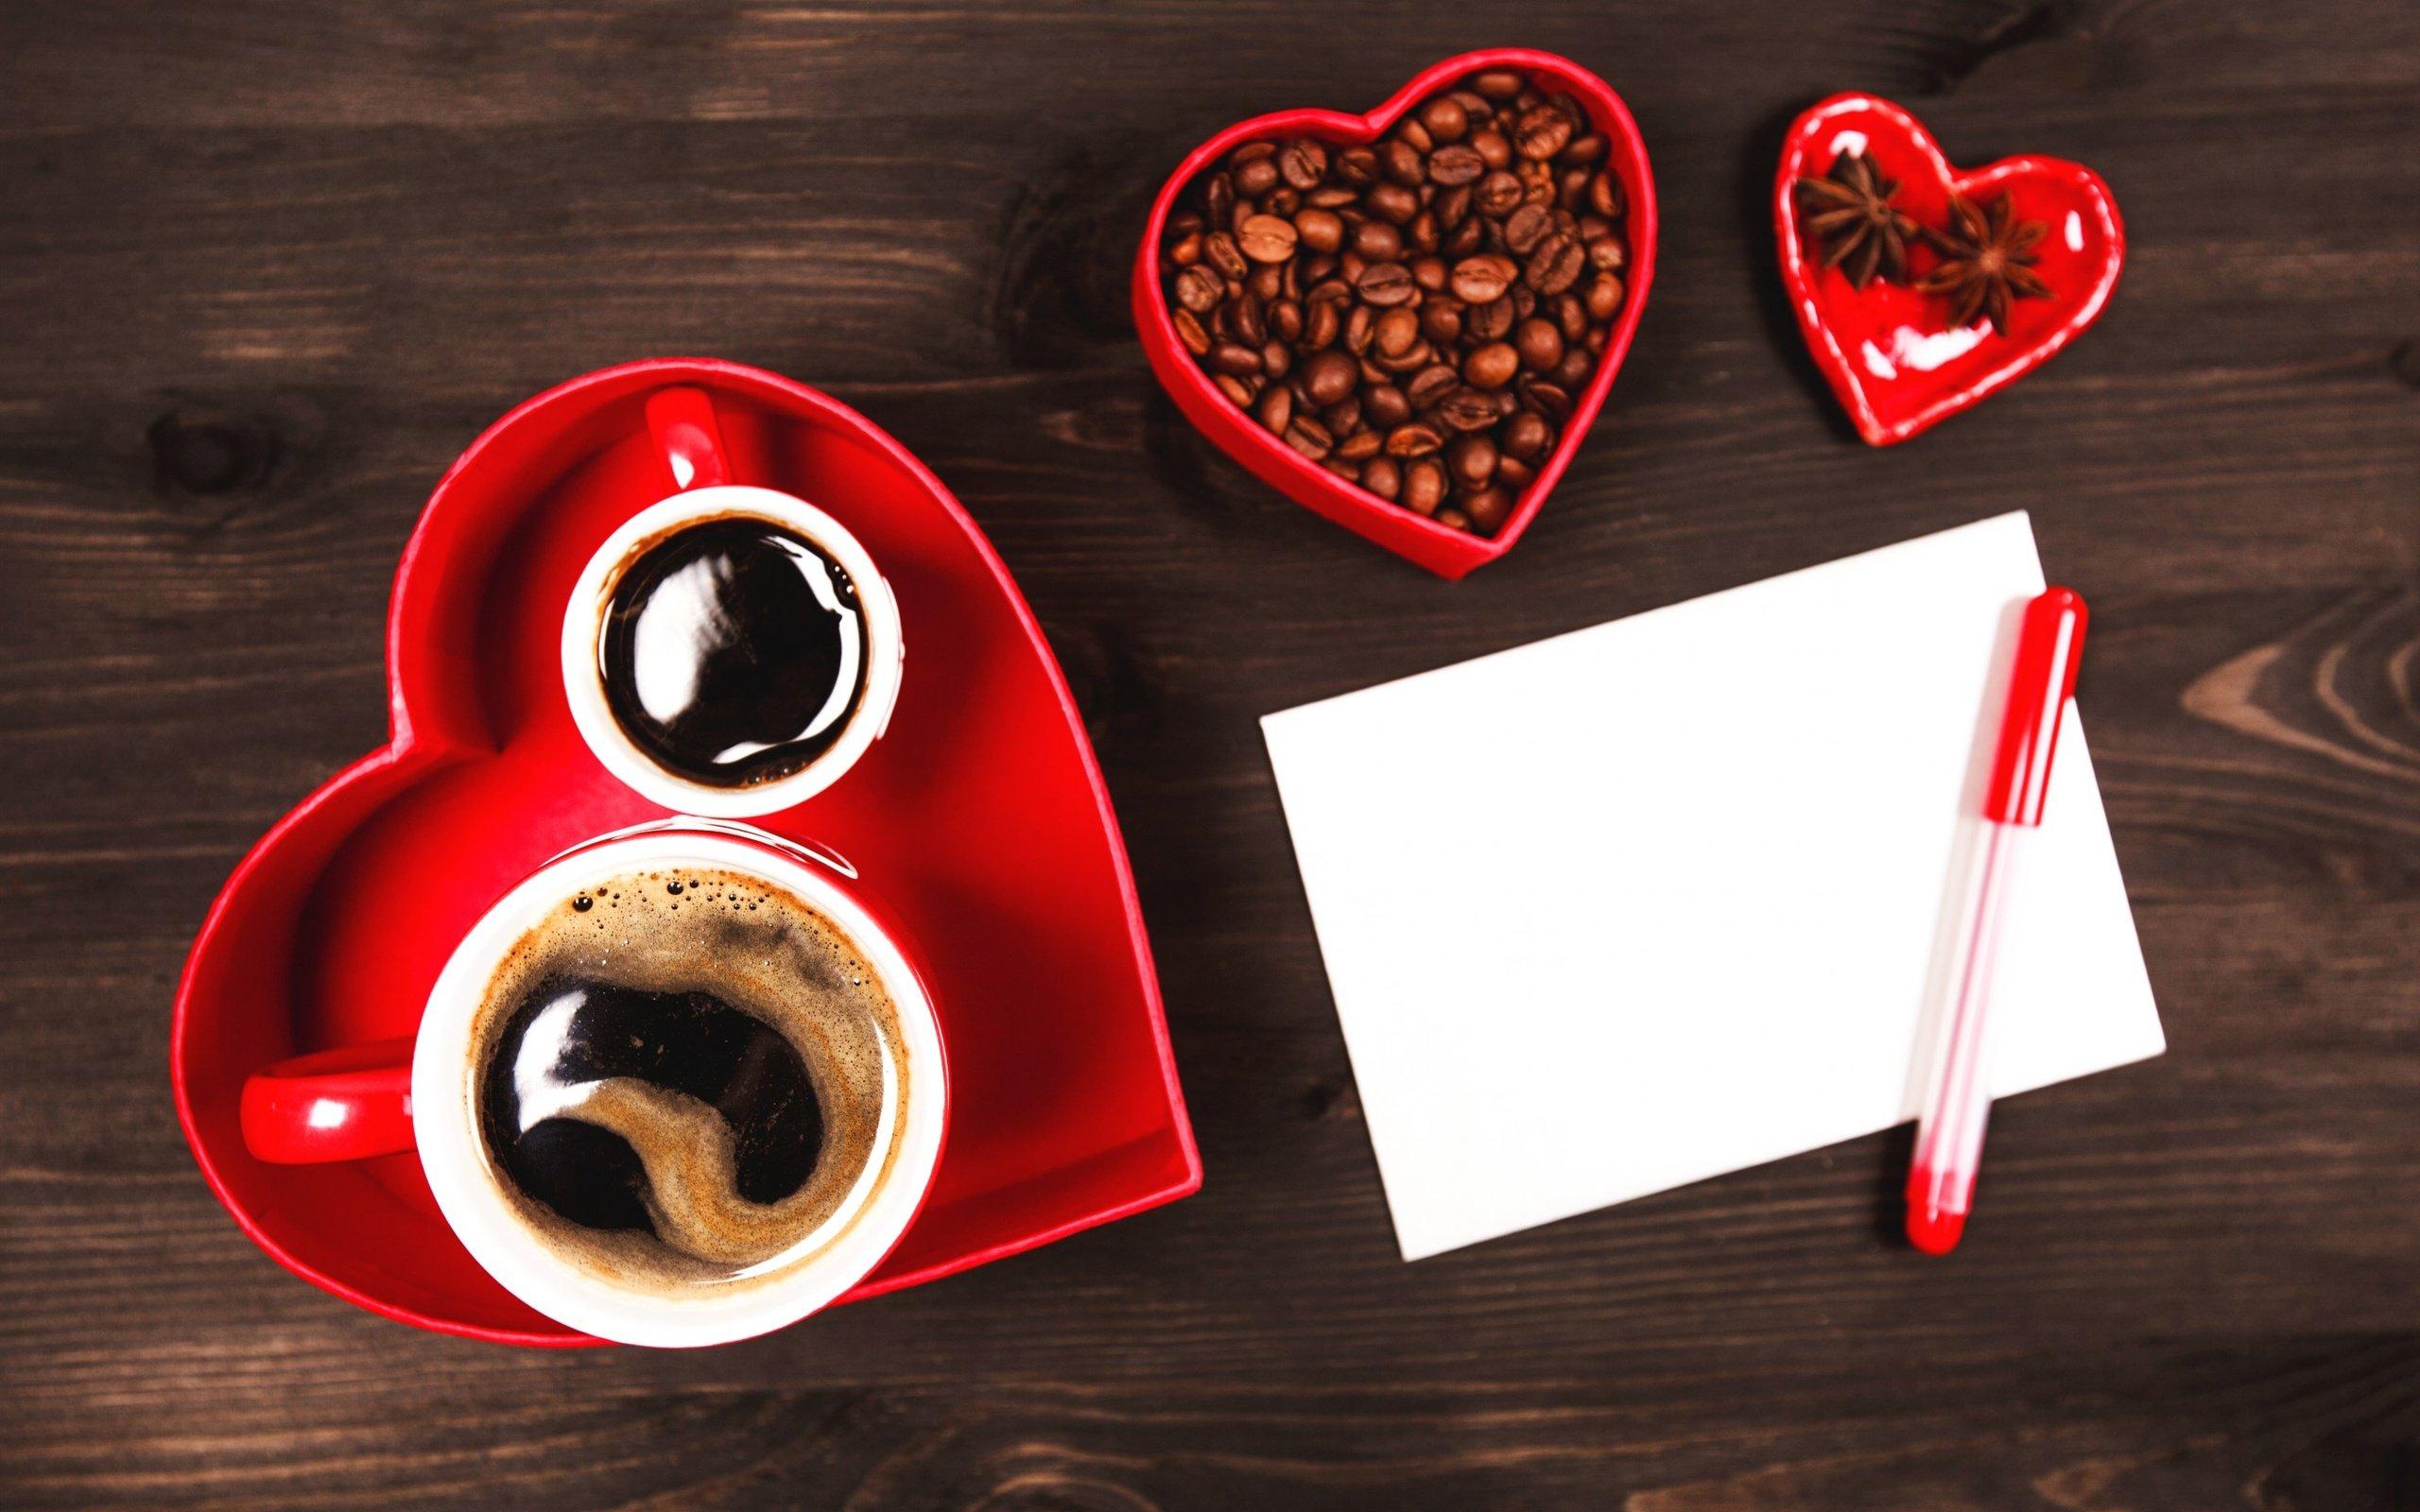 развлечении чашка кофе в подарок картинка способ бороться этим